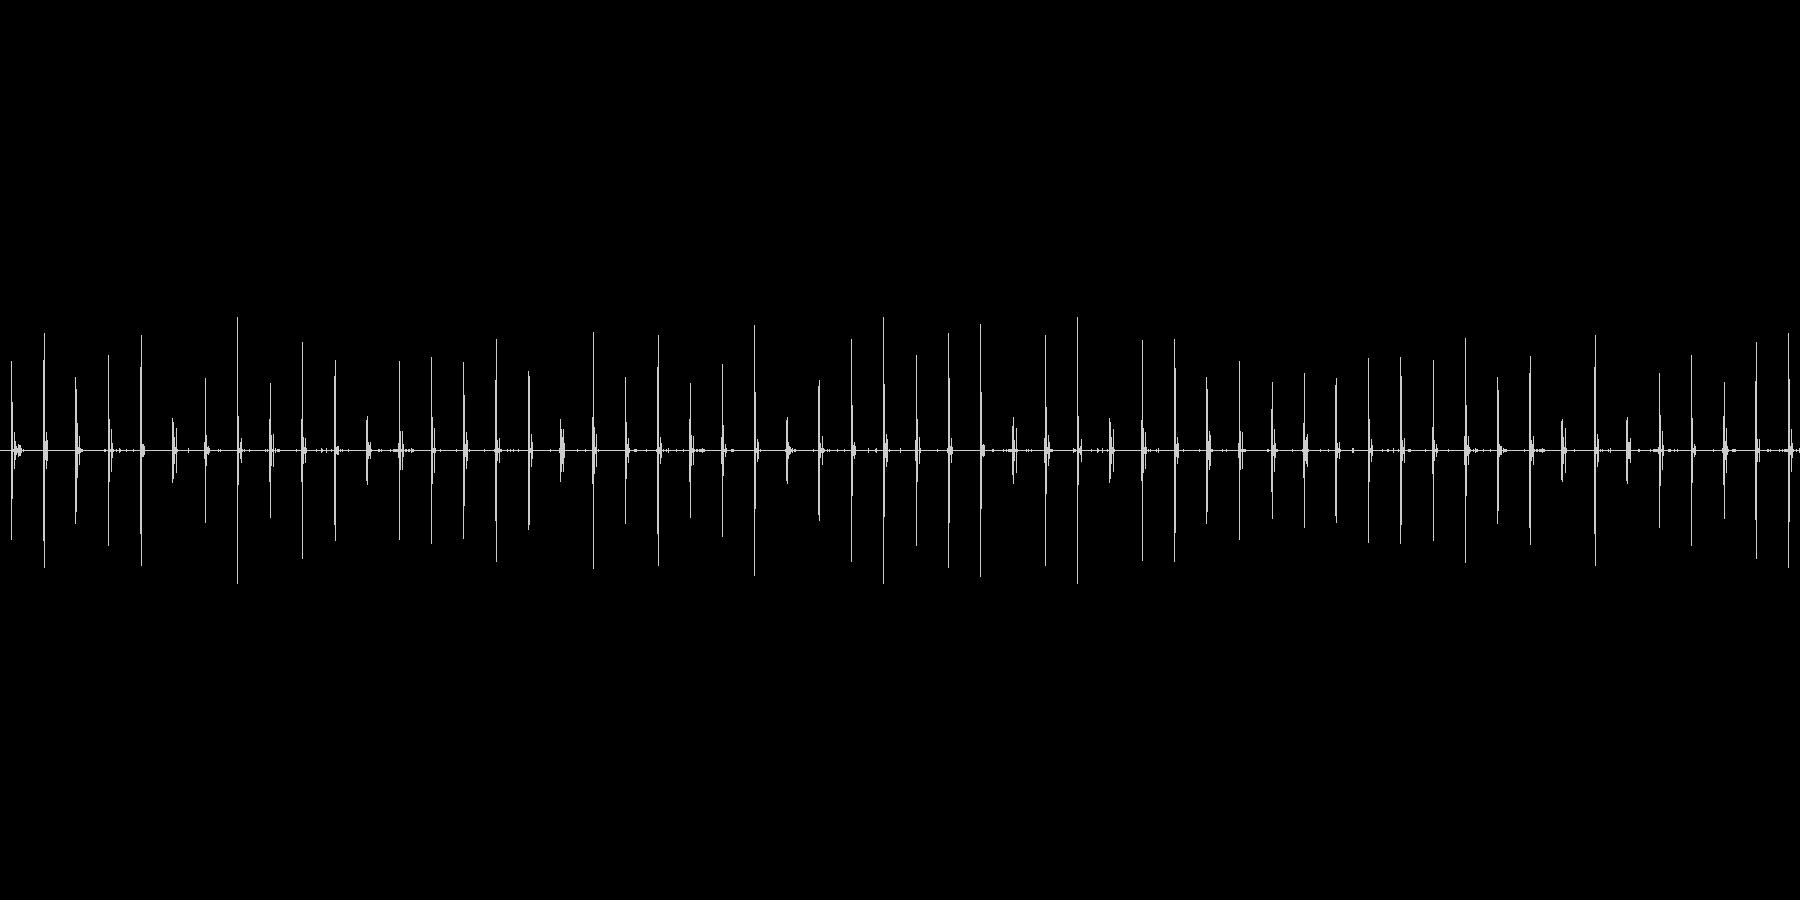 スニーカーで砂利道をゆっくり歩く音の未再生の波形